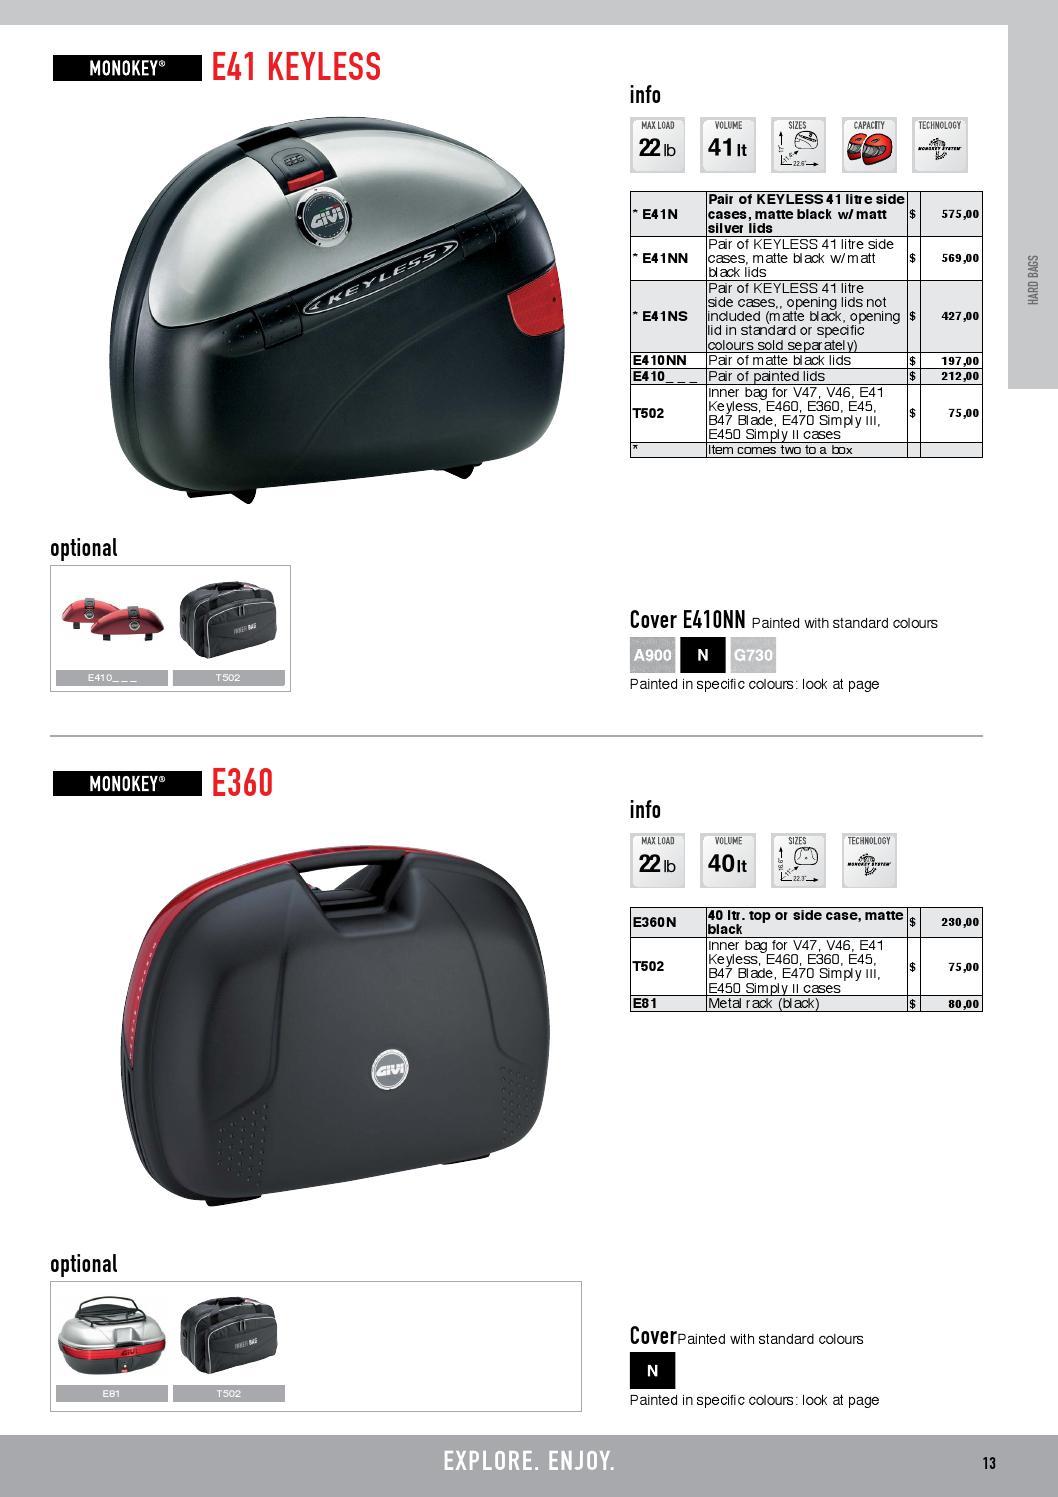 B47 Blade E360 E470 Simply III E450 Simply II cases V46 GIVI E460 E41 Keyless Inner bag for V47 E45